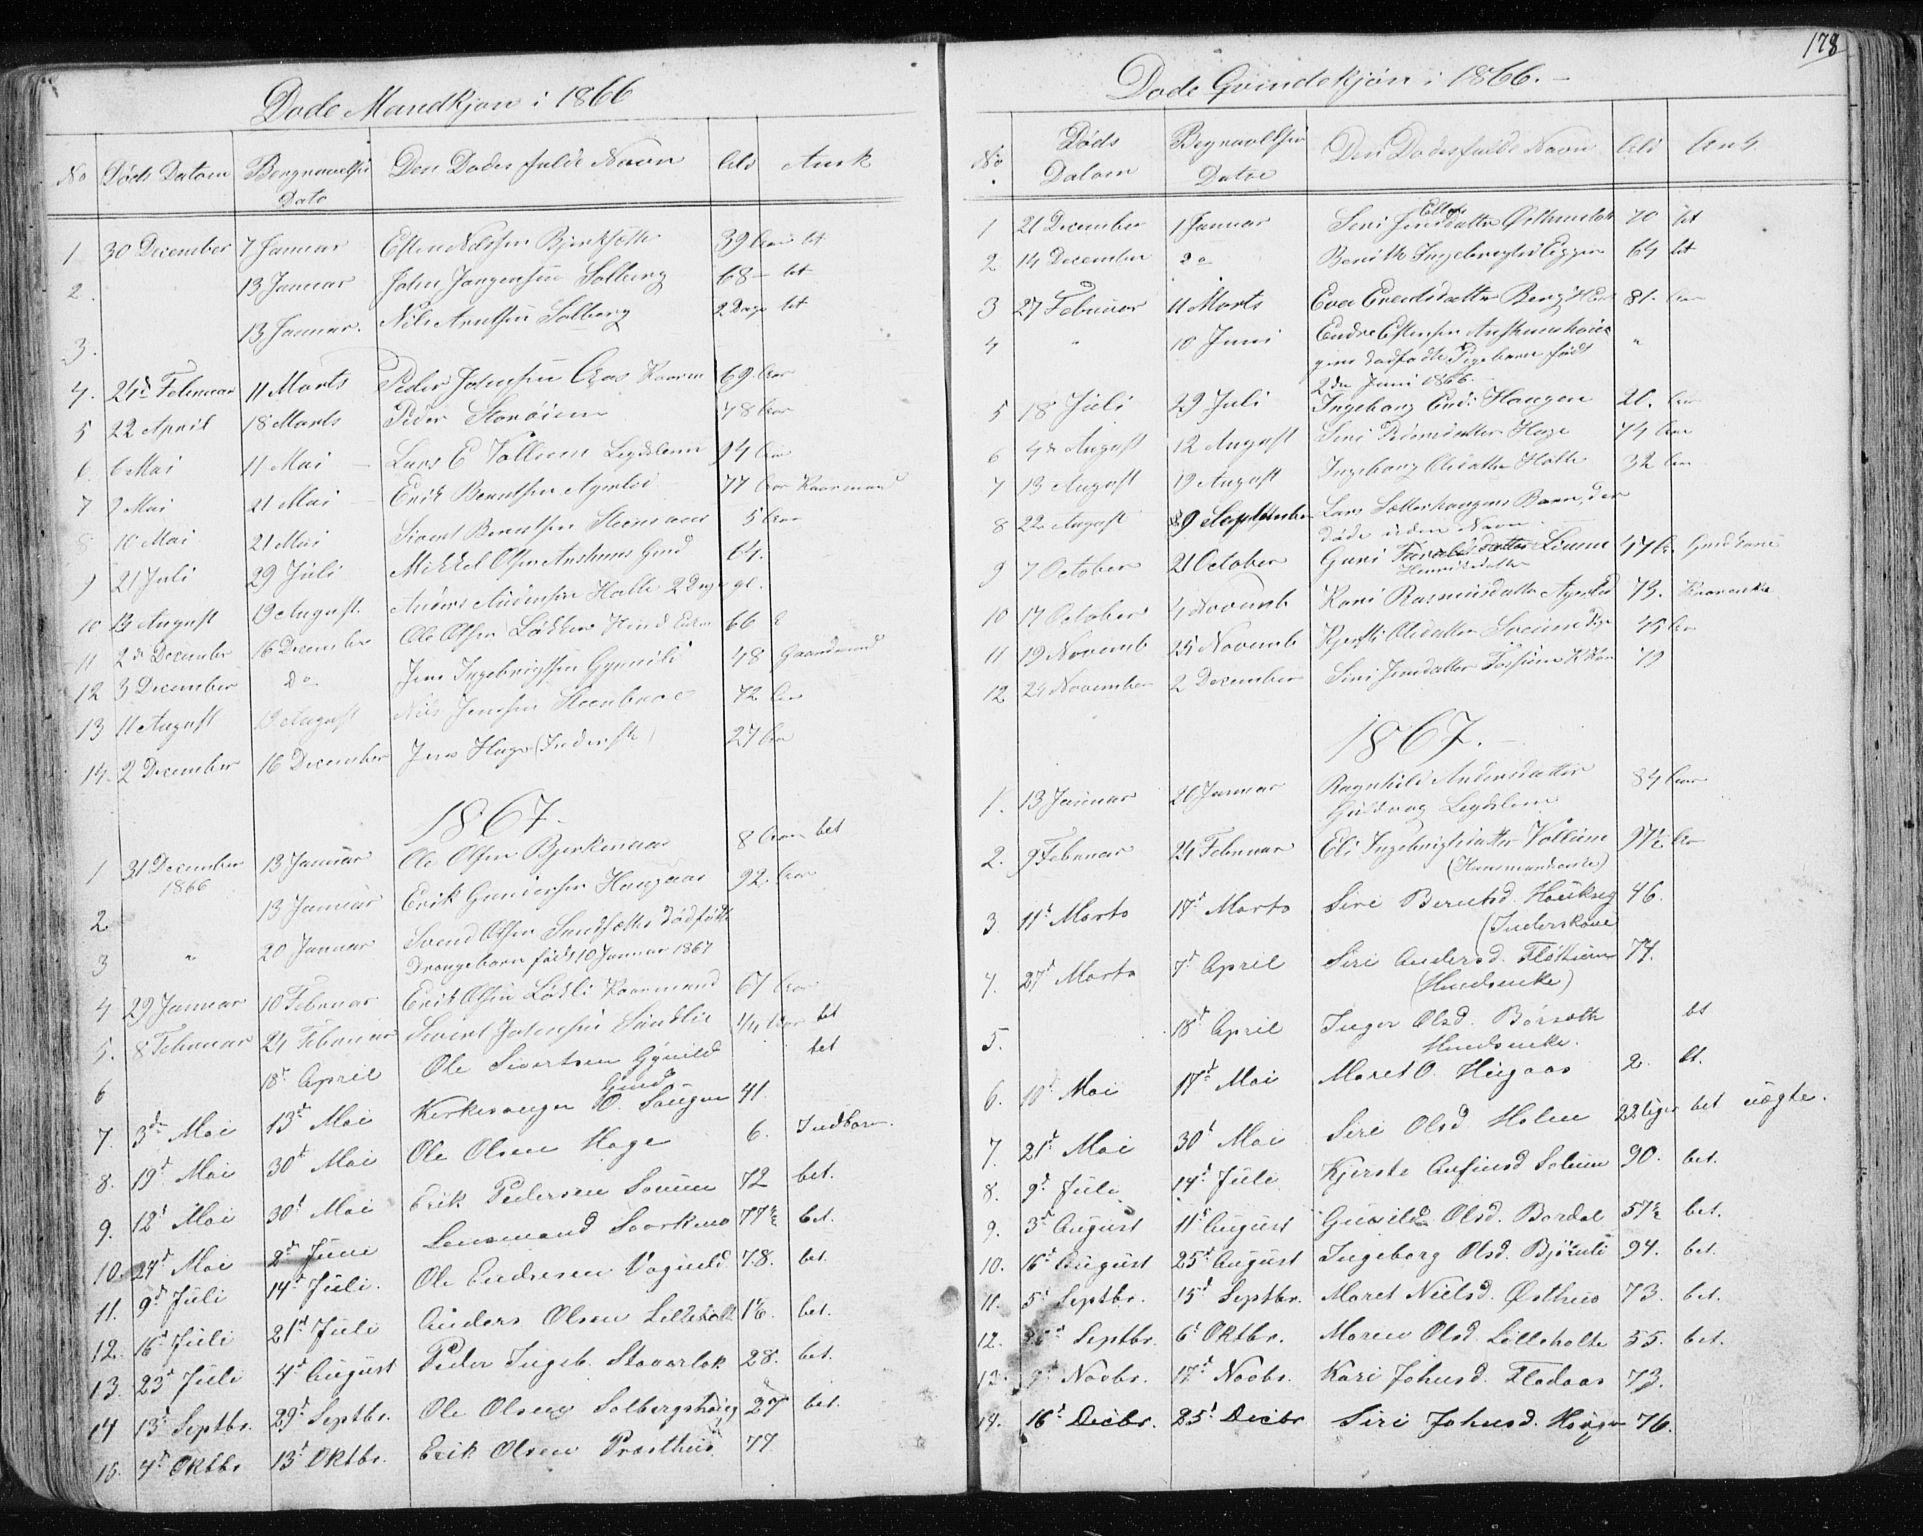 SAT, Ministerialprotokoller, klokkerbøker og fødselsregistre - Sør-Trøndelag, 689/L1043: Klokkerbok nr. 689C02, 1816-1892, s. 178